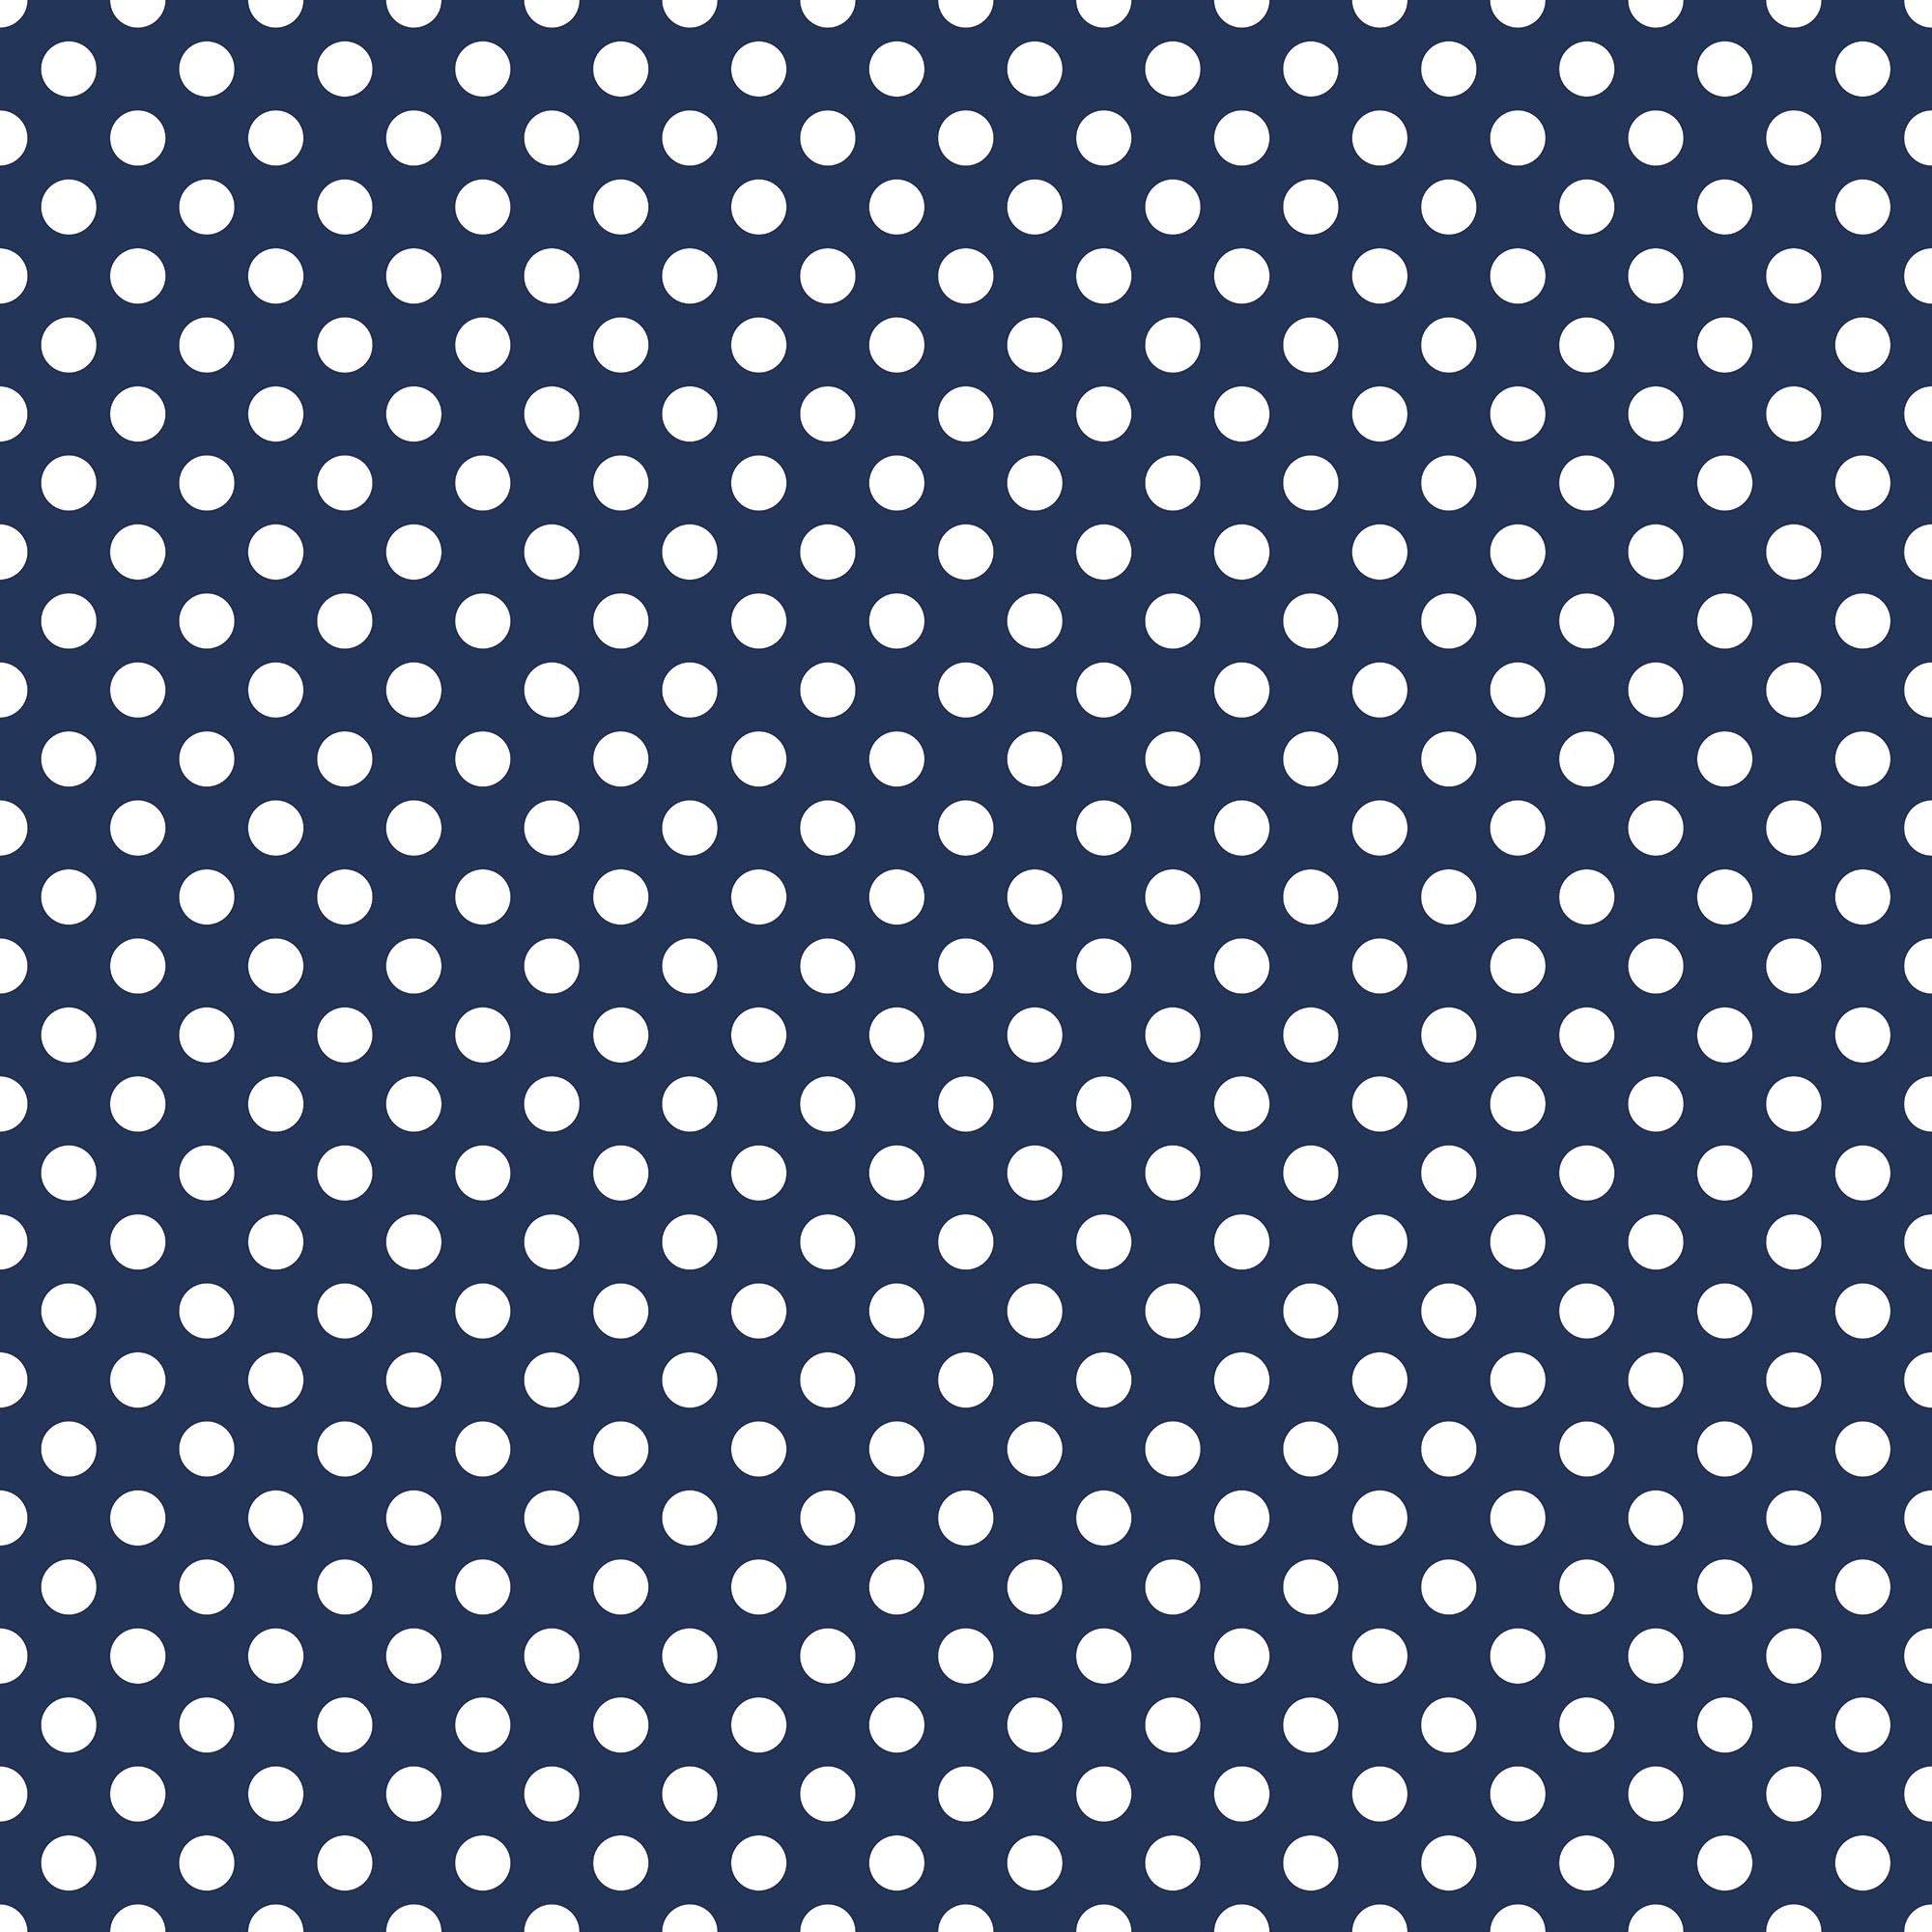 Medium Dots Navy